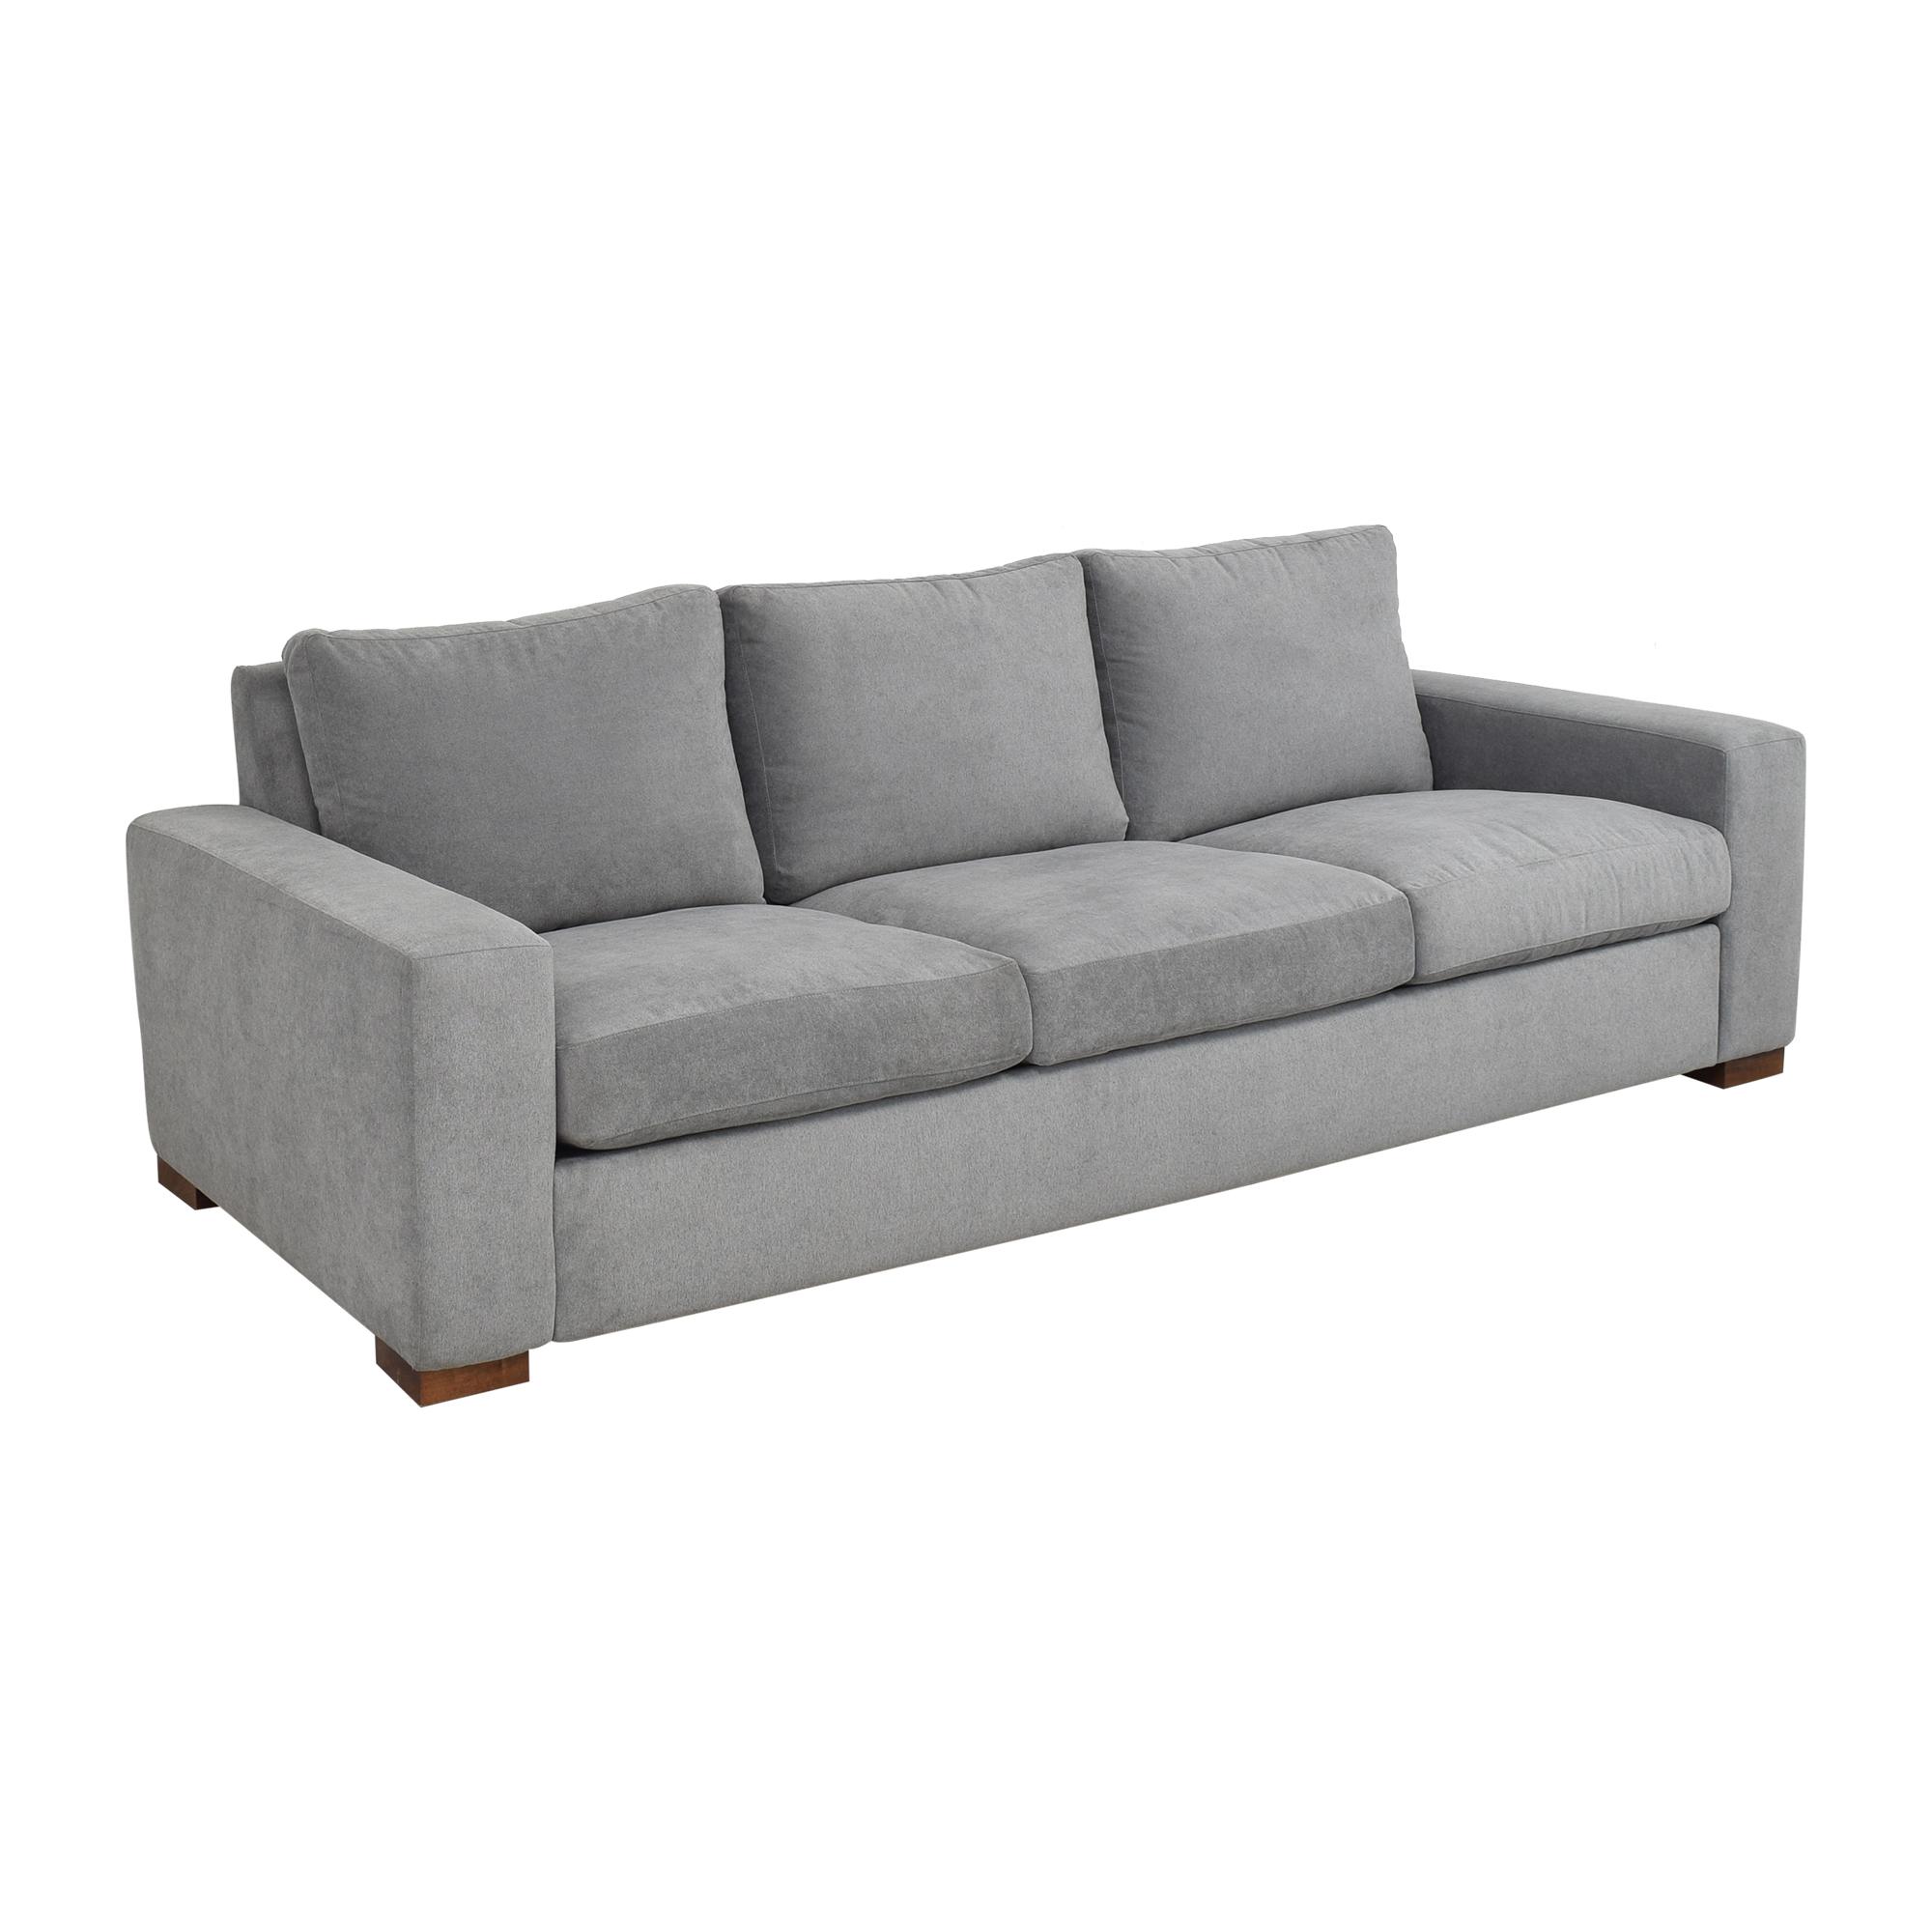 shop BenchMade Modern Couch Potato Sofa BenchMade Modern Classic Sofas